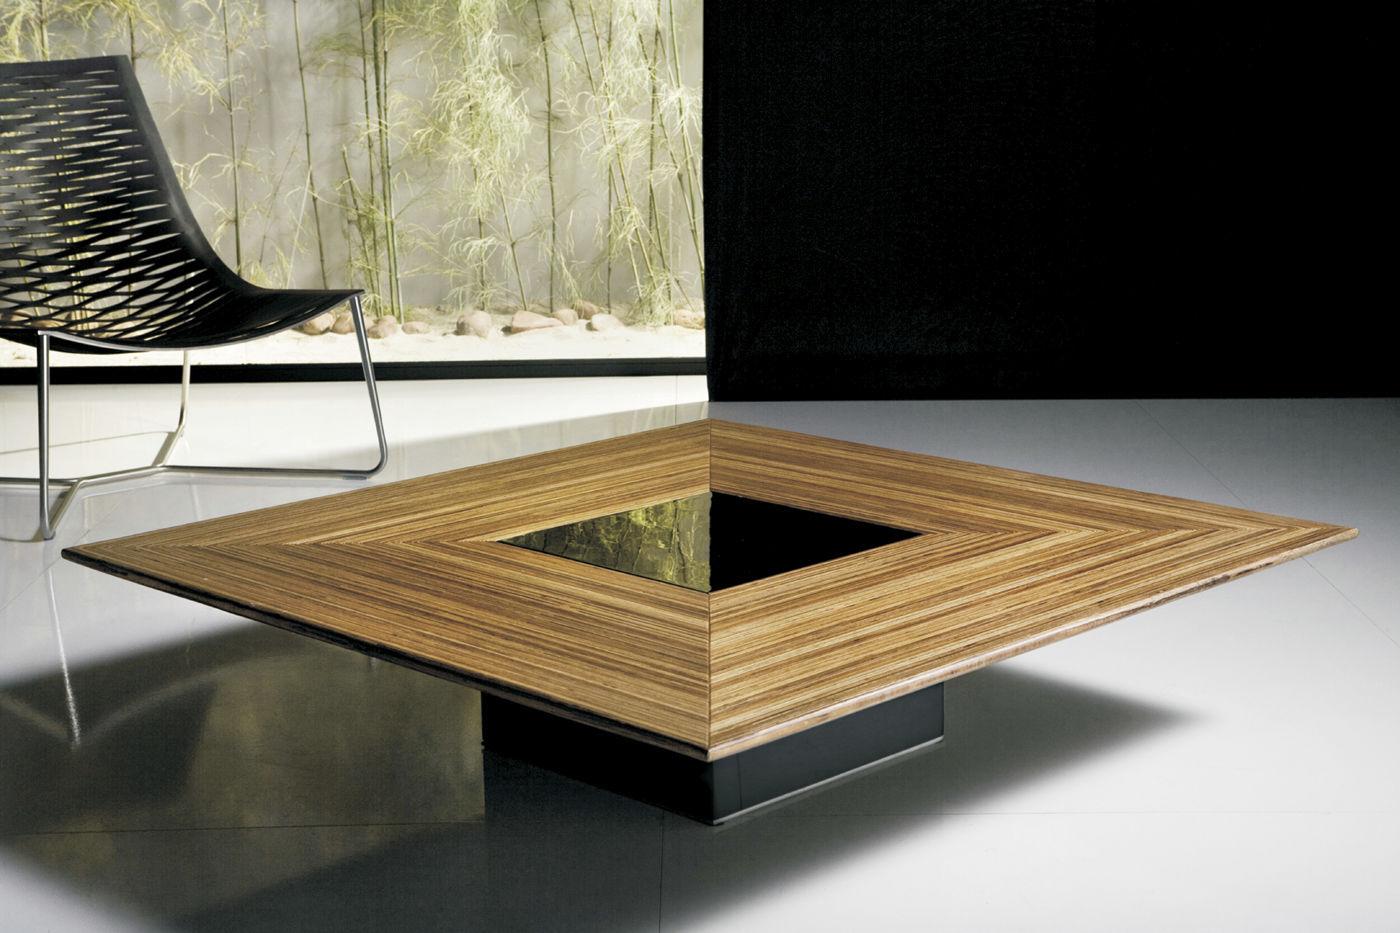 Table Basse Contemporaine En Bois Carrée Fitzroy Modloft